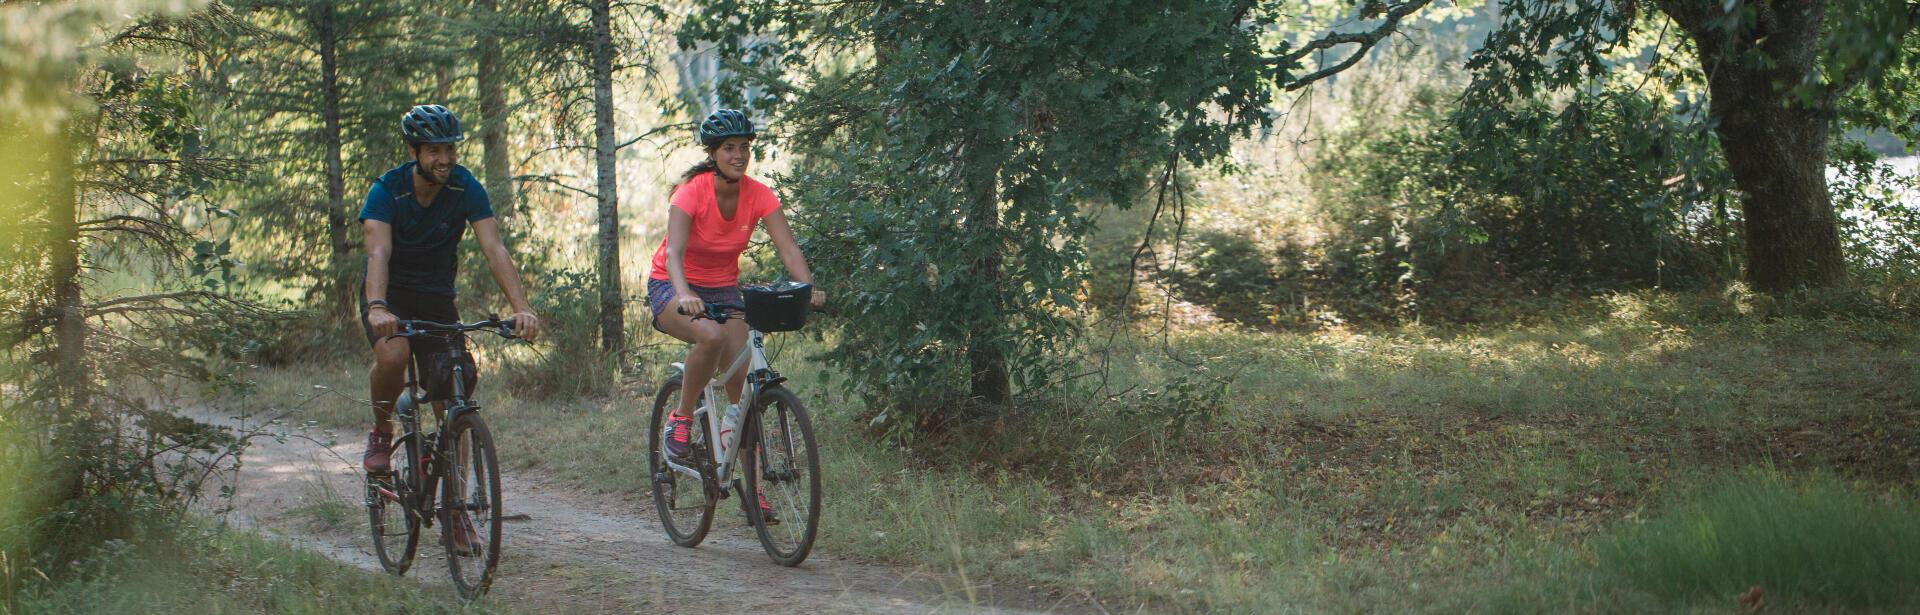 Où pratiquer la randonnée à vélo tout chemin